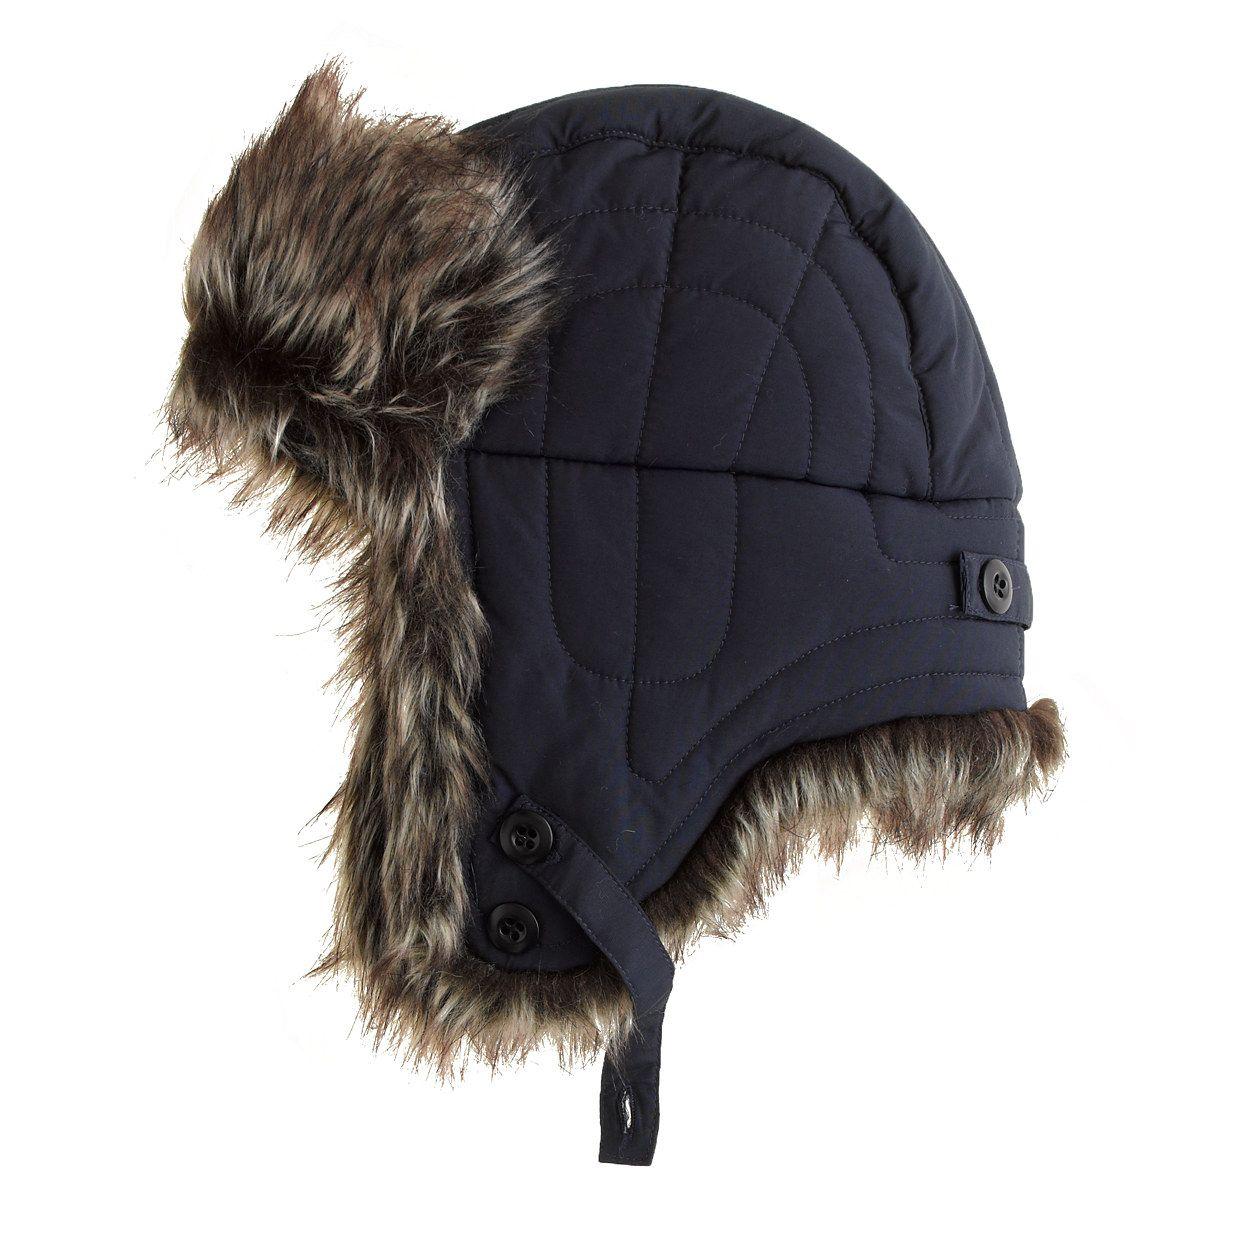 Trapper Hat Hats Gloves Amp Scarves J Crew Holidays 2014